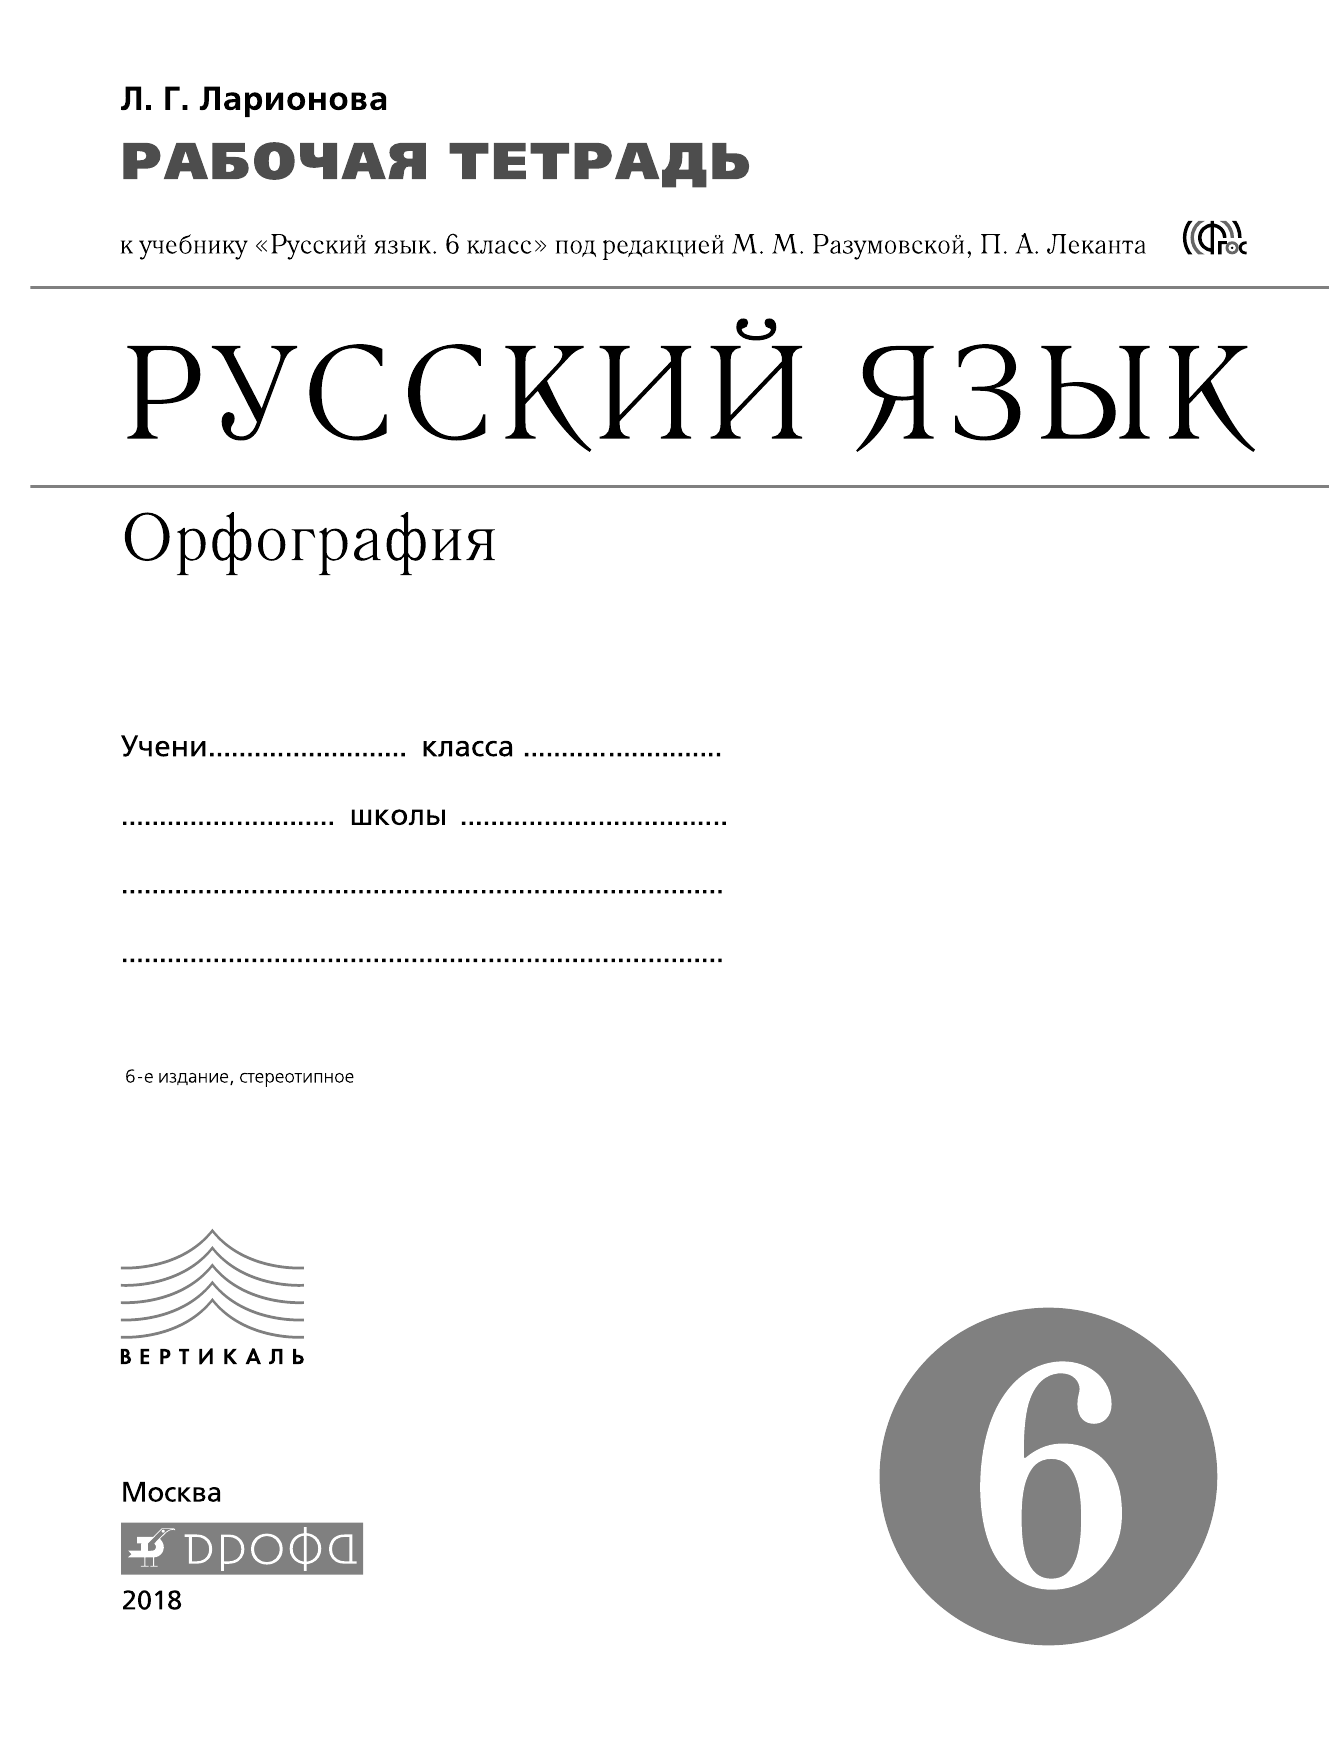 разумовской языку леканта гдз 2018 русскому год 8 по класс